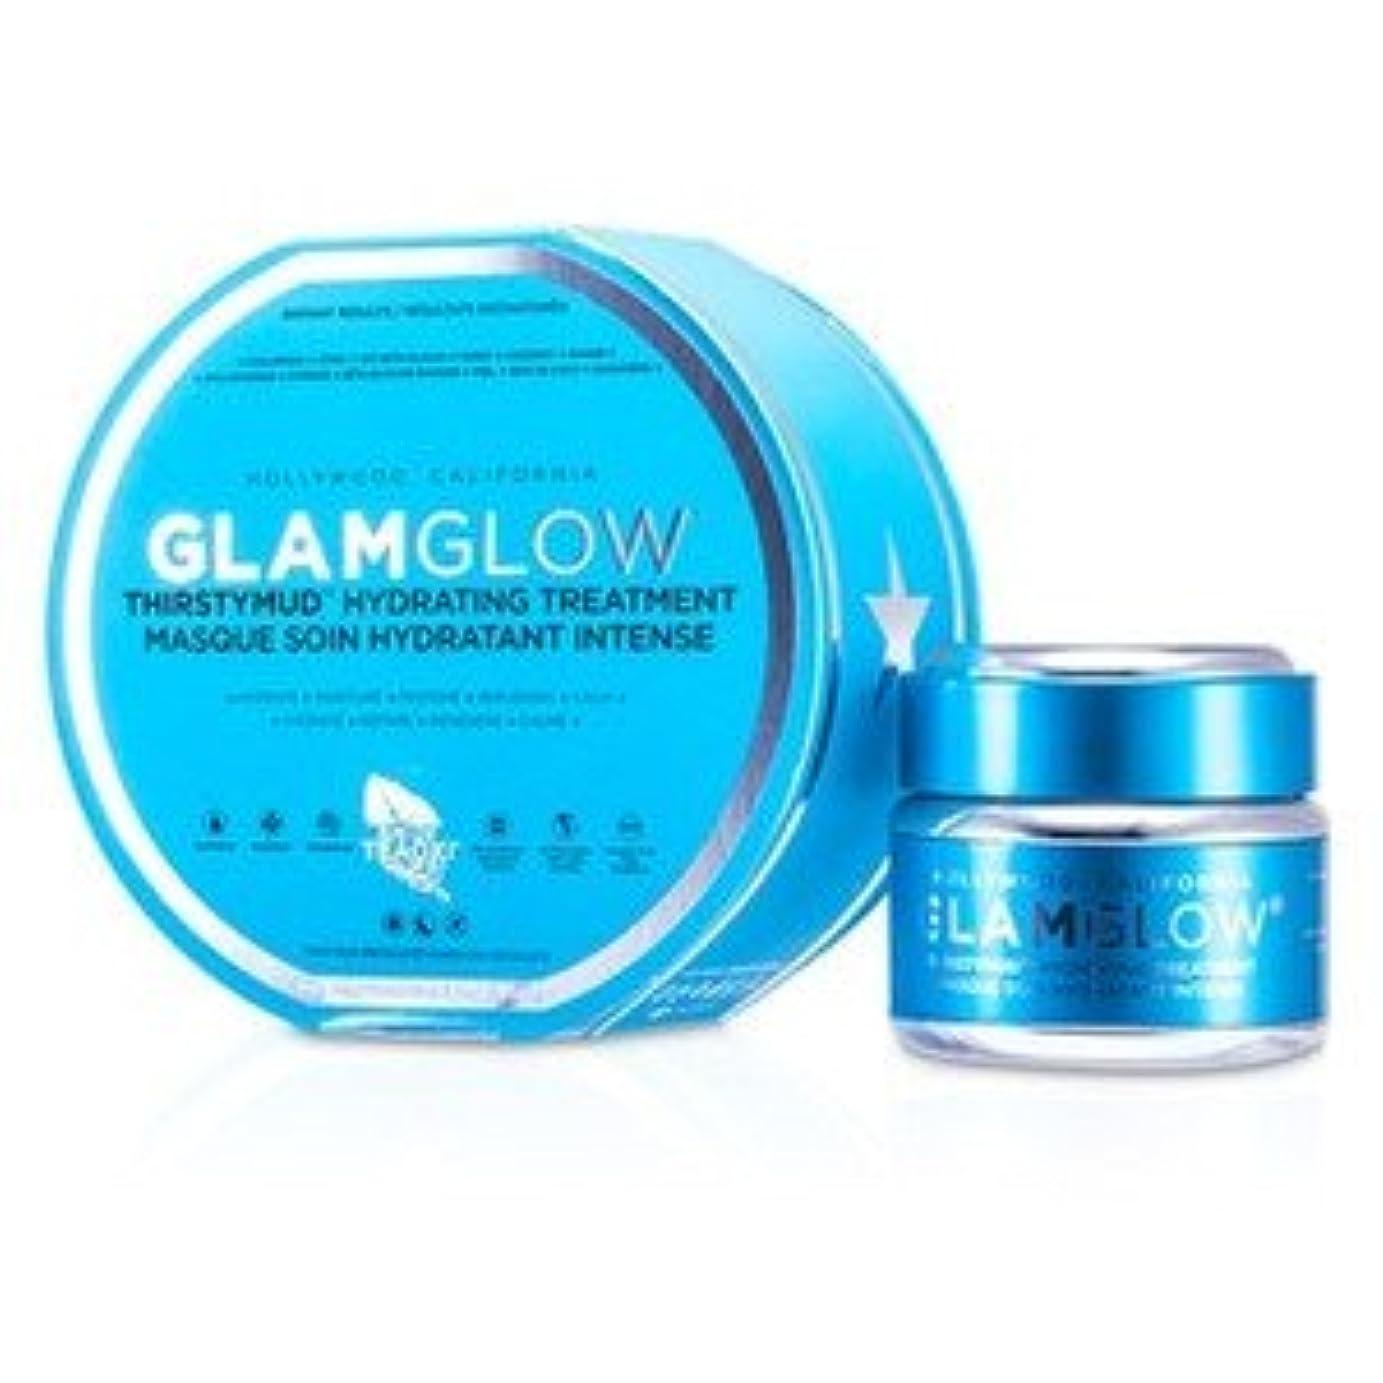 ずらす購入懲戒Glamglow サースティーマッド ハイドレイティング トリートメント 50g/1.7oz [並行輸入品]